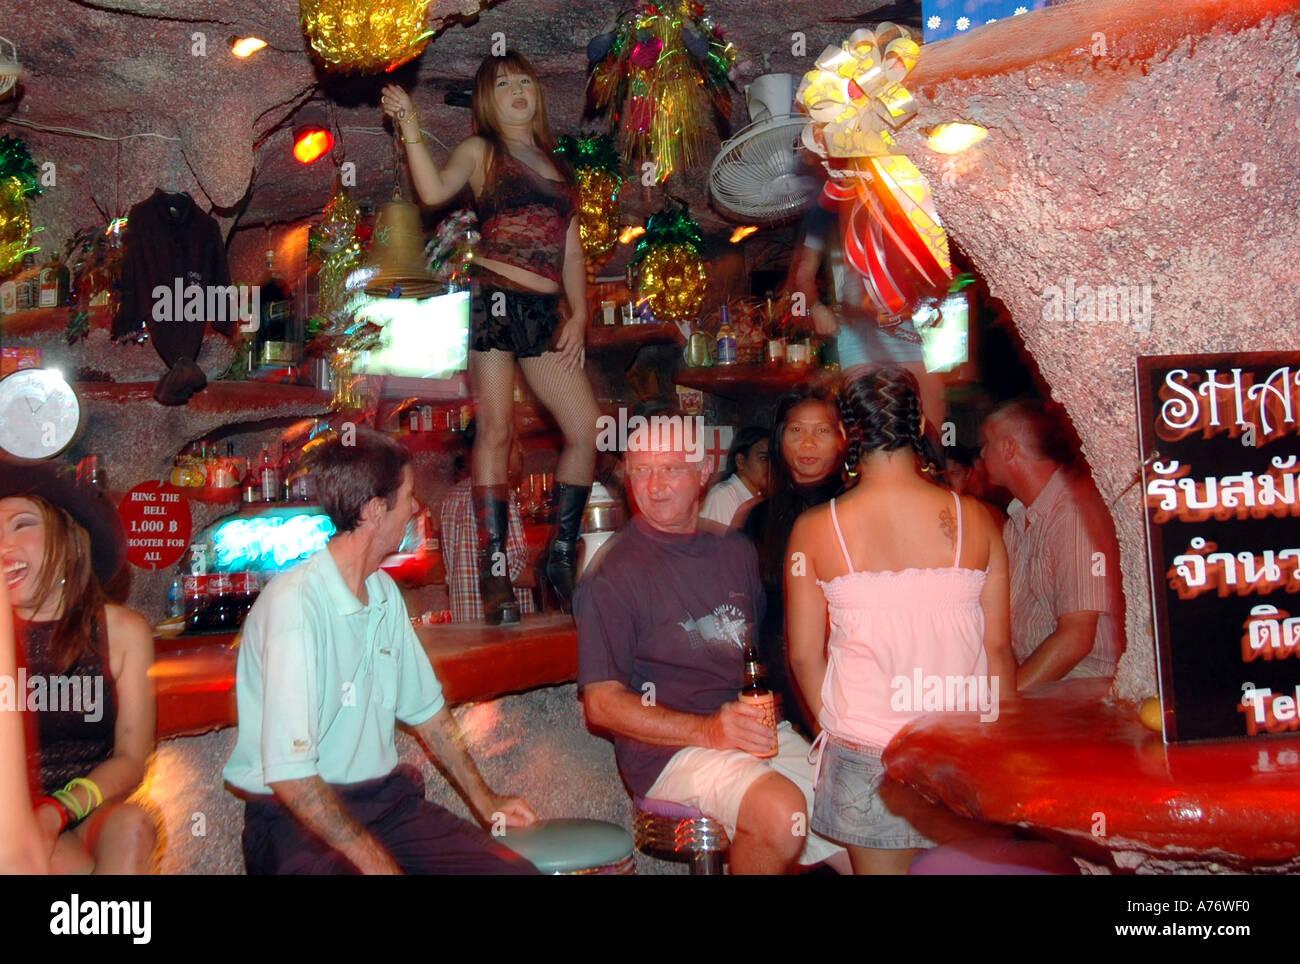 Phuket prostitution